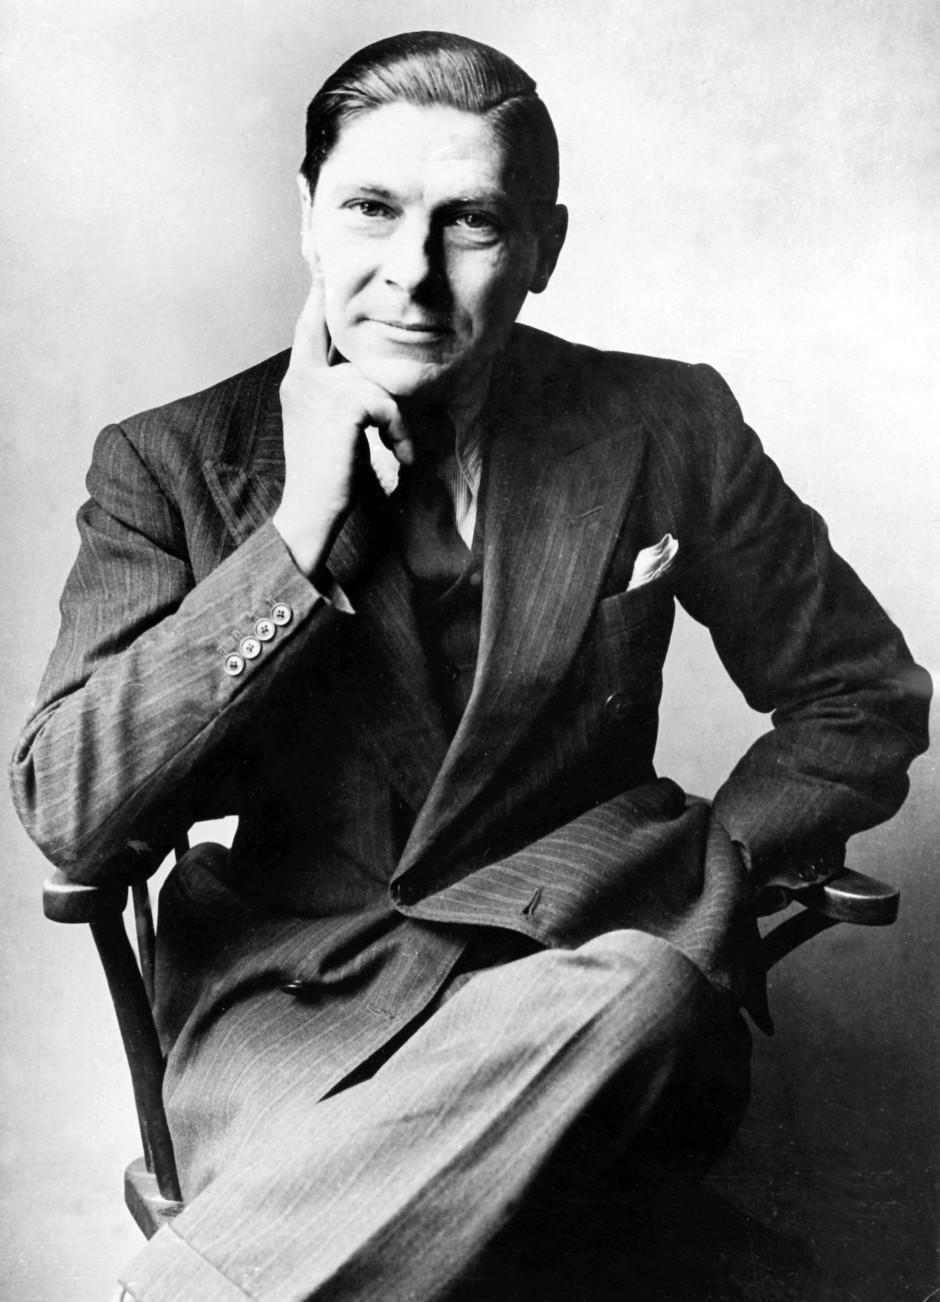 Und irgendwann wurde aus ihm ein englischer Autor: 1940 floh er nach England und wurde in der Sprache heimisch.